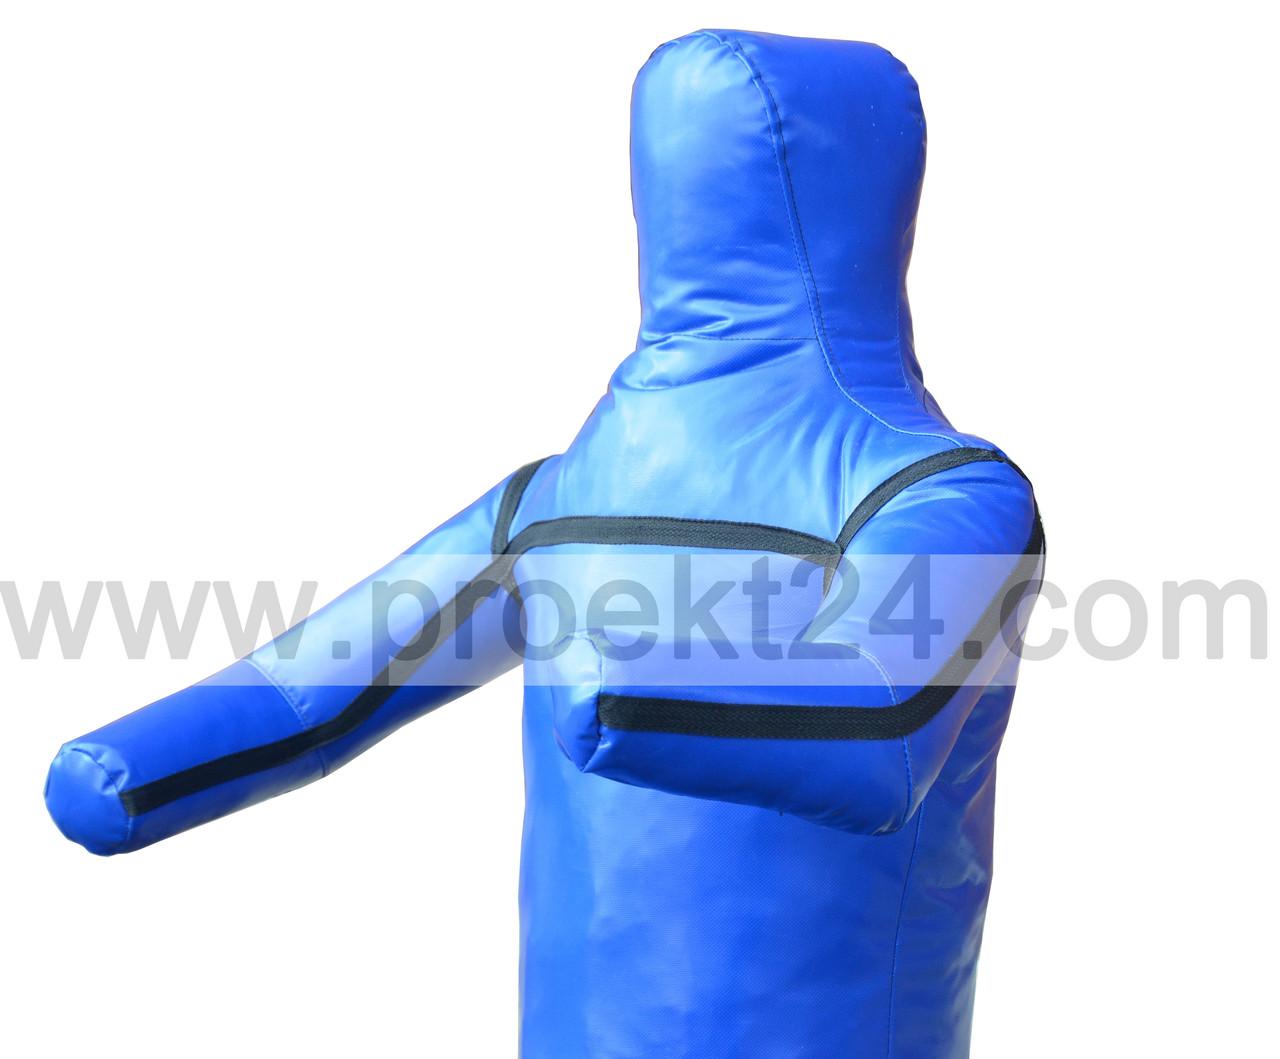 Манекен для боротьби, борцівський манекен 160см. (1 нога, руки вперед)